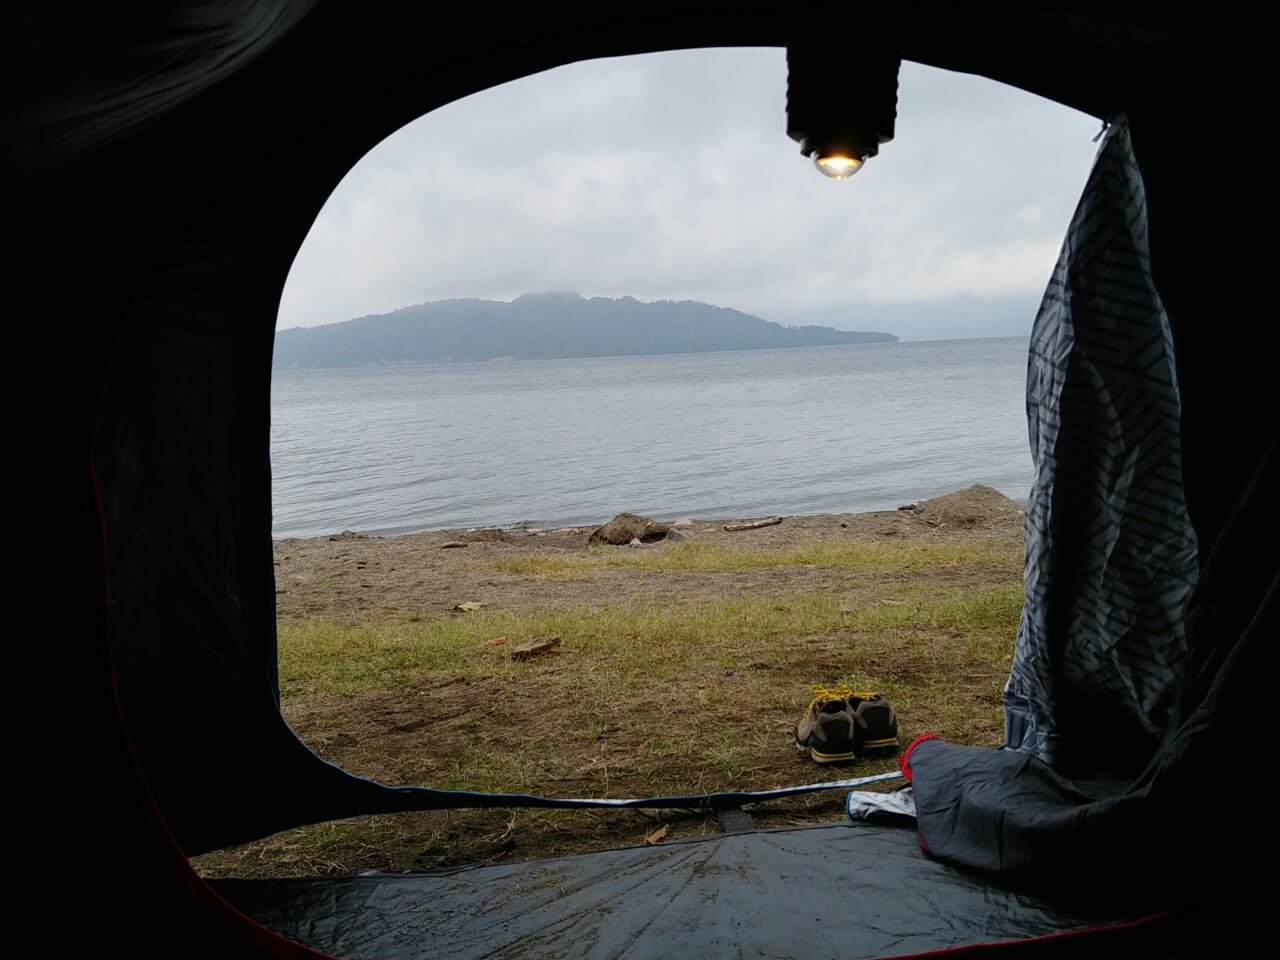 ケシュアポップアップテント 朝入り口あけた風景